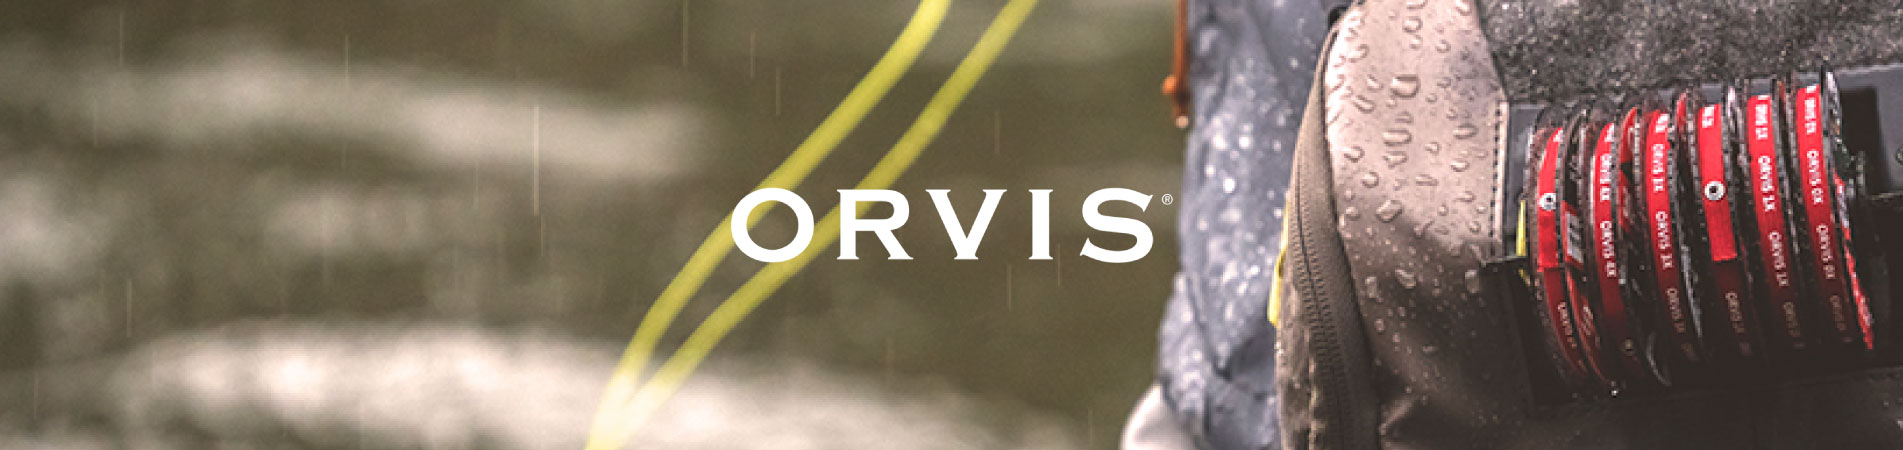 orvis-banner-brand.jpg